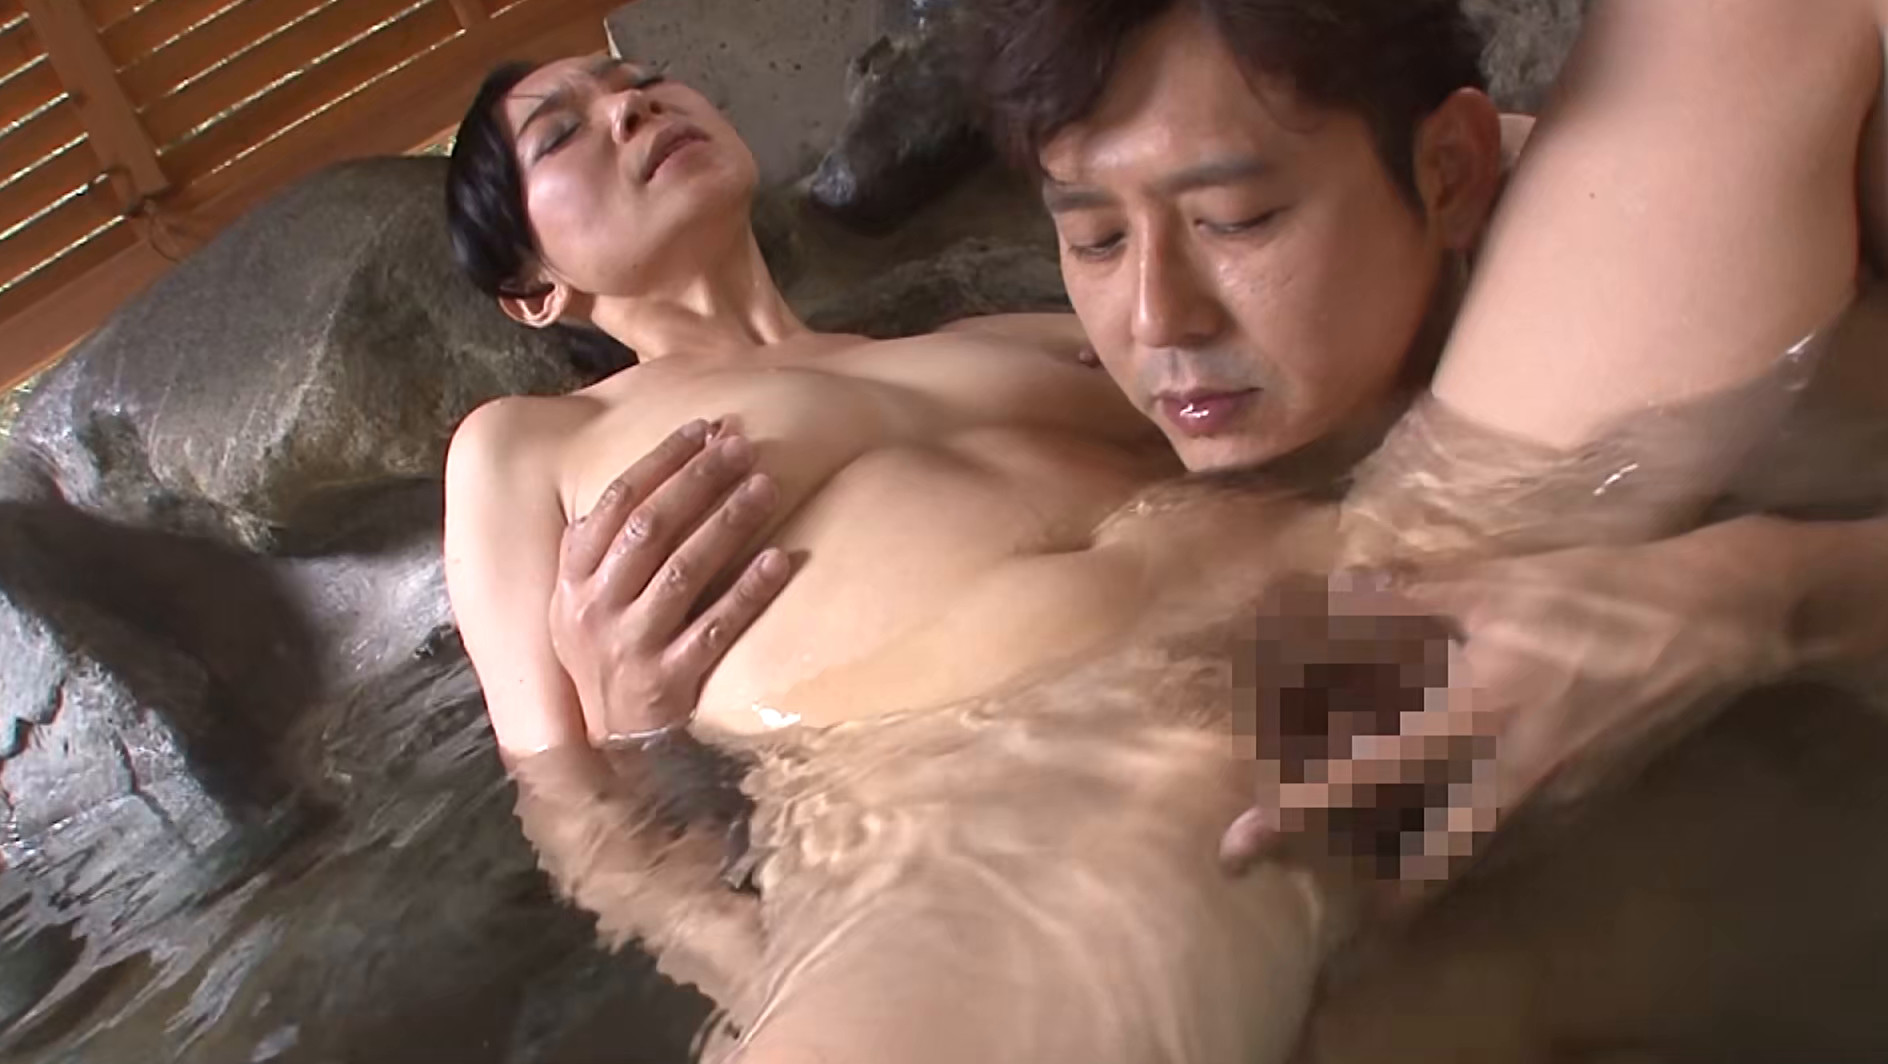 尚美(40歳)混浴でのぼせてしまい・・・